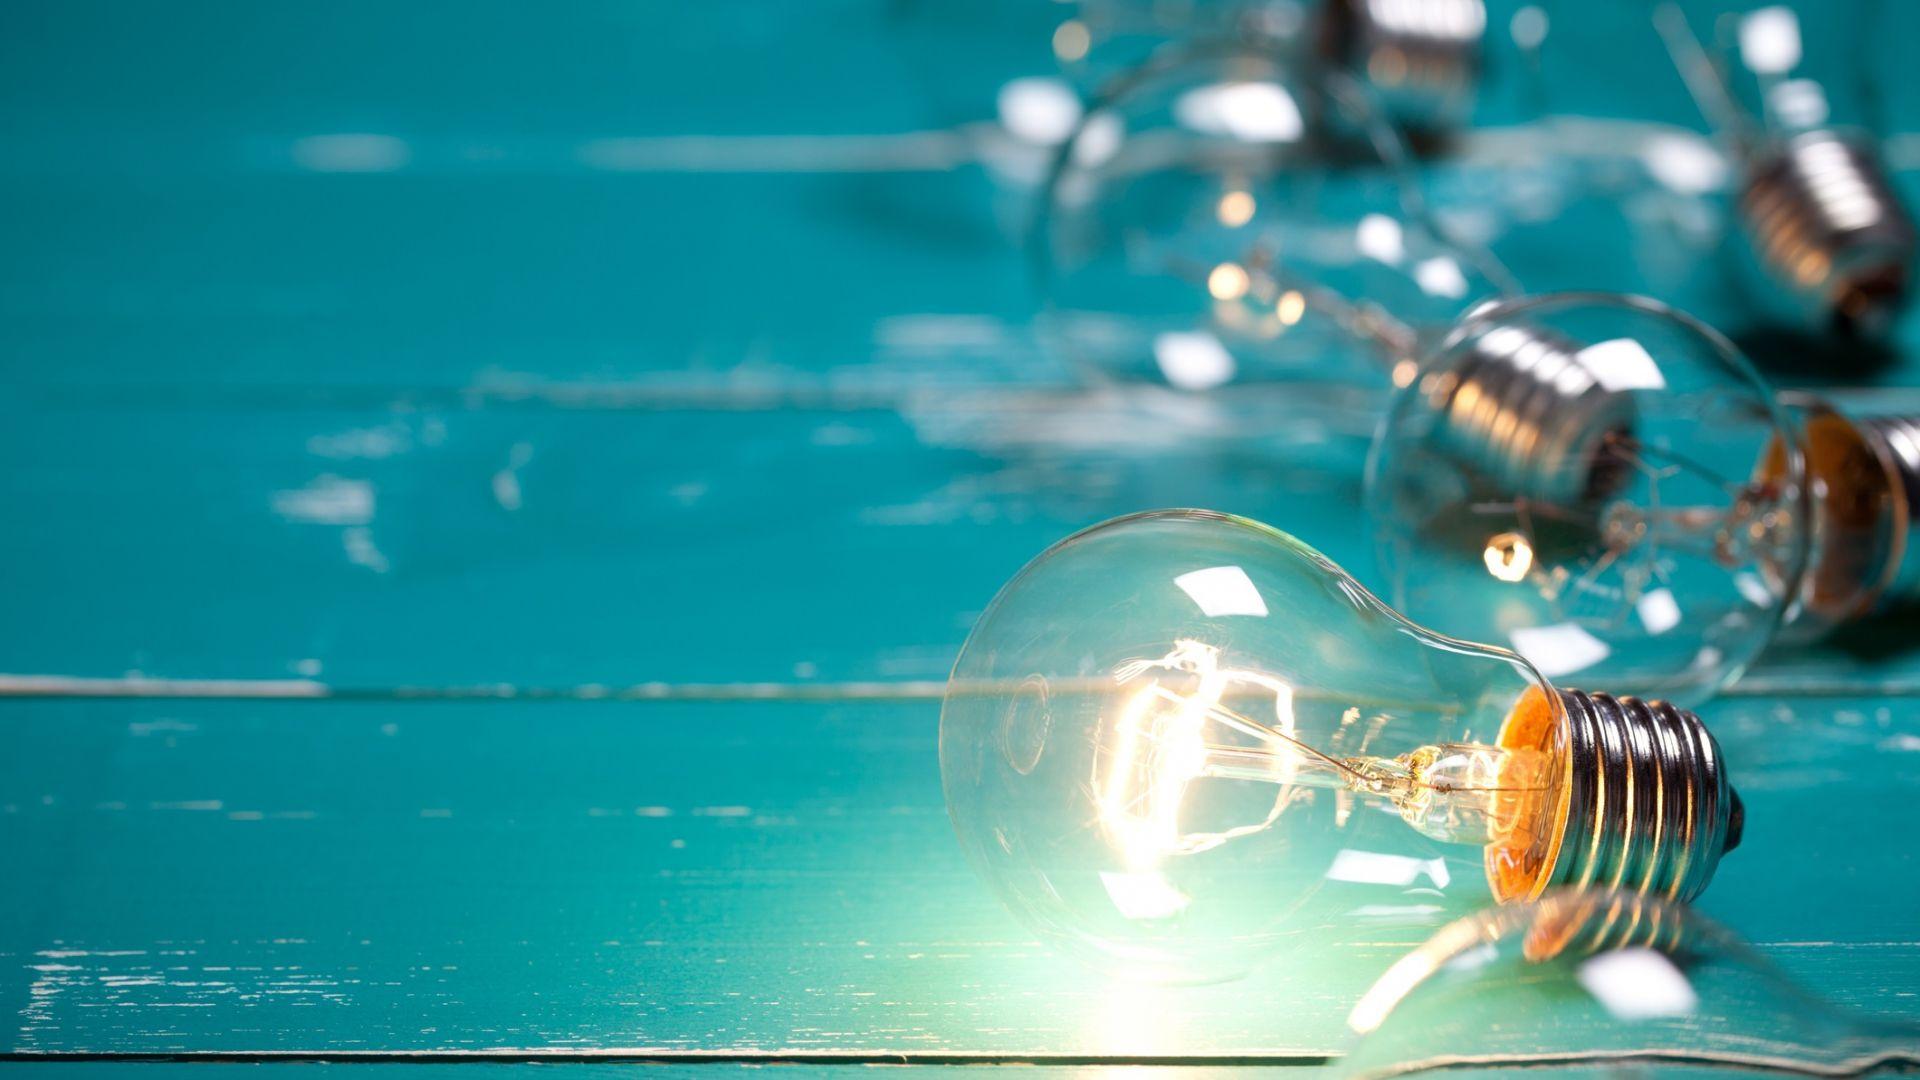 Тръмп защити крушките с нажежаема жичка срещу осветлението със светодиоди